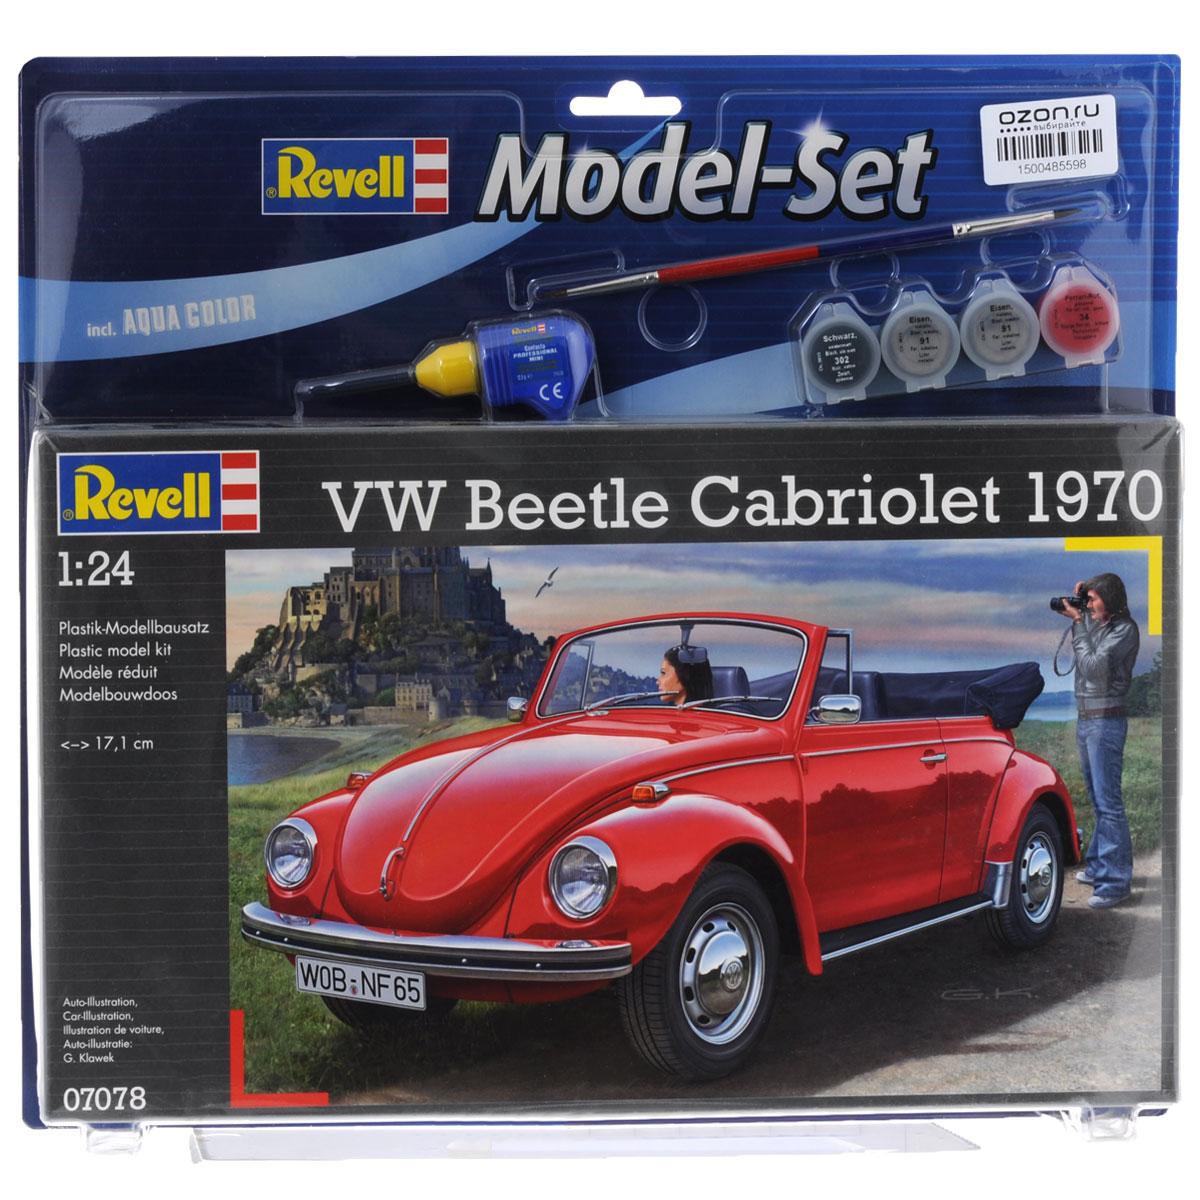 Набор для сборки и раскрашивания модели Revell Автомобиль VW Beetle Cabriolet 197067078Набор для сборки и раскрашивания модели Revell Автомобиль VW Beetle Cabriolet 1970 вы и ваш ребенок сможете собрать уменьшенную копию одноименного автомобиля. Набор включает в себя 122 пластиковых элемента для сборки модели, краски четырех цветов, двустороннюю кисточку, клей и схематичную инструкцию по сборке. Благодаря набору ваш ребенок научится различать цвета, творчески решать поставленные задачи, разовьет интеллектуальные и инструментальные способности, воображение, конструктивное мышление, внимание, терпение и кругозор. Уровень сложности: 3.